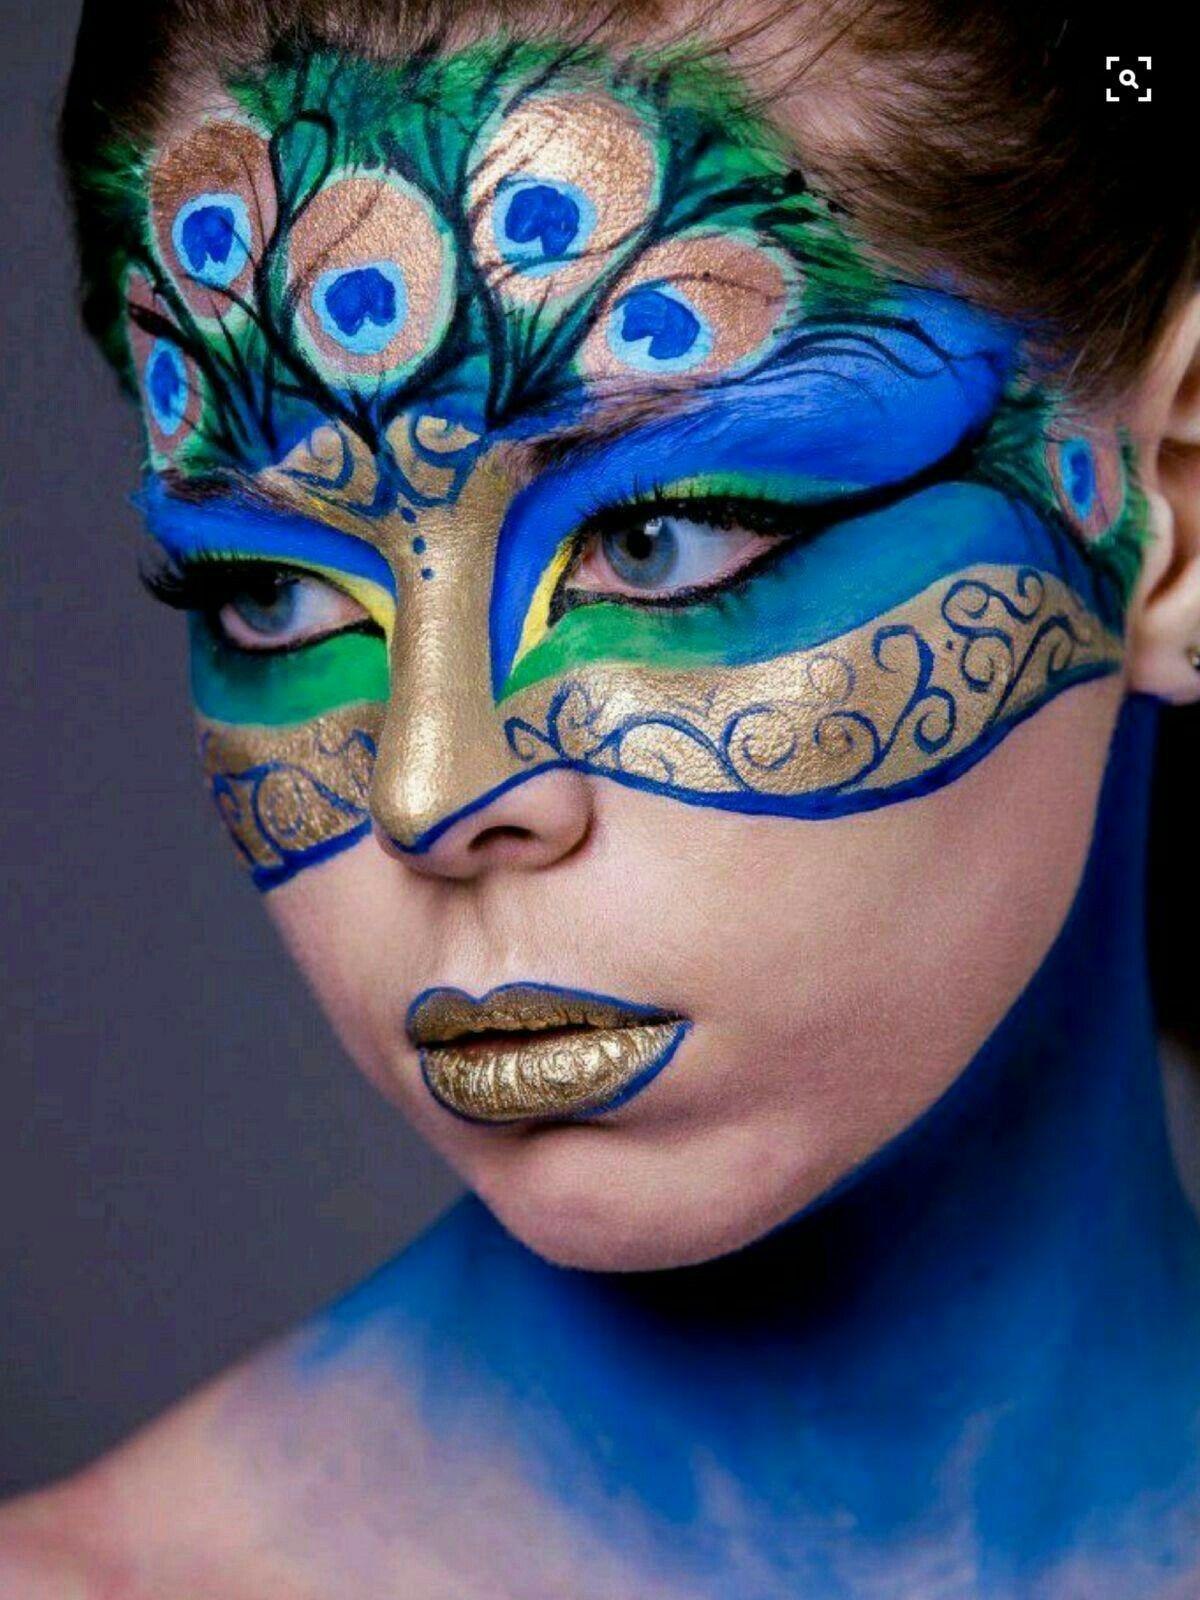 Imagen sobre Maquillaje de fantasía de KATERINA HERNANDEZ